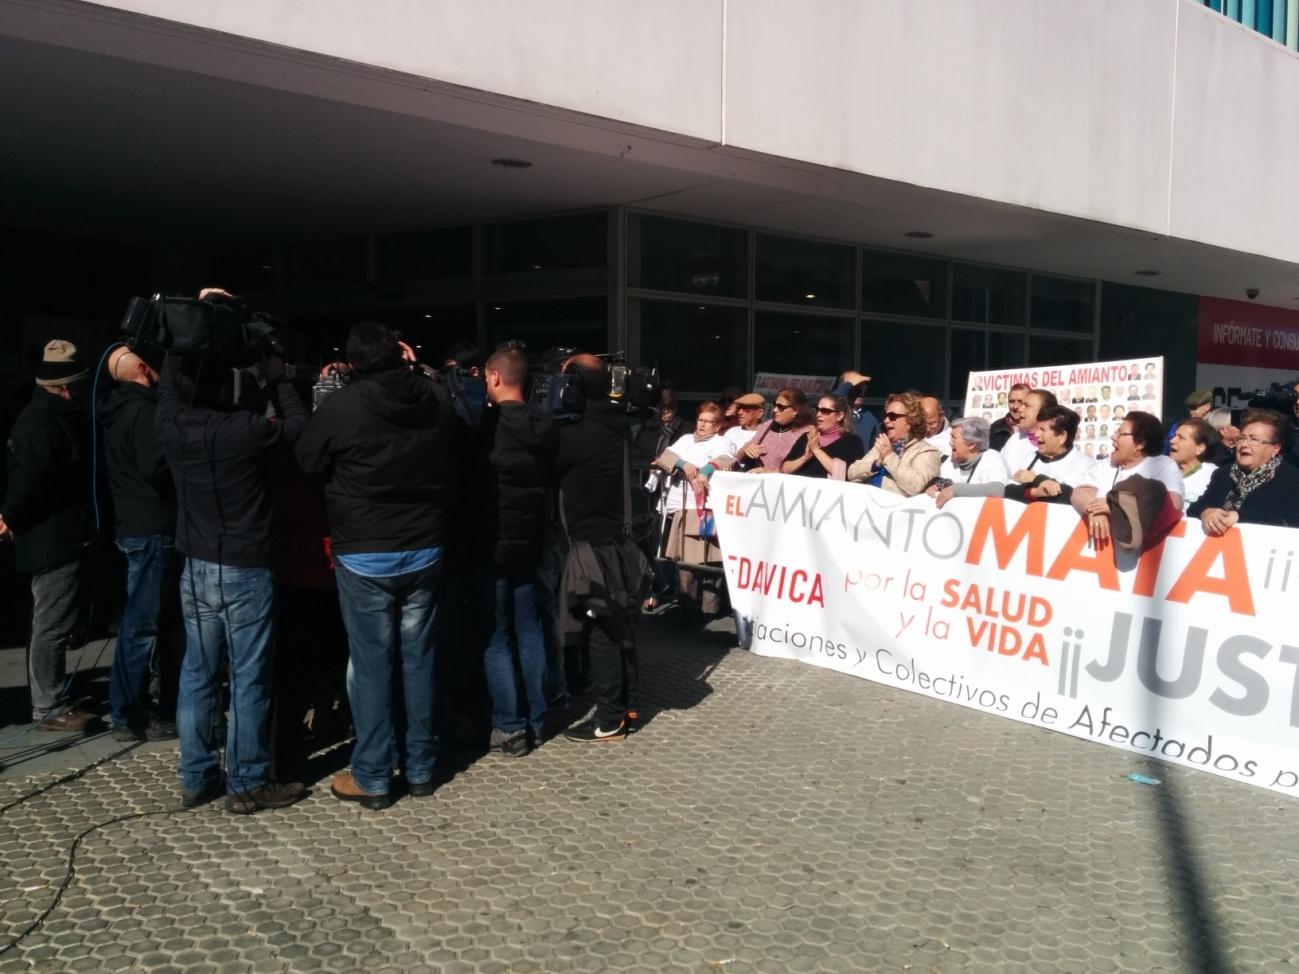 En nuestra ciudad, probablemente en uno de los lugares donde más crímenes se perpetran a diario contra los trabajadores – los juzgados de lo Social de Sevilla ubicados en el…